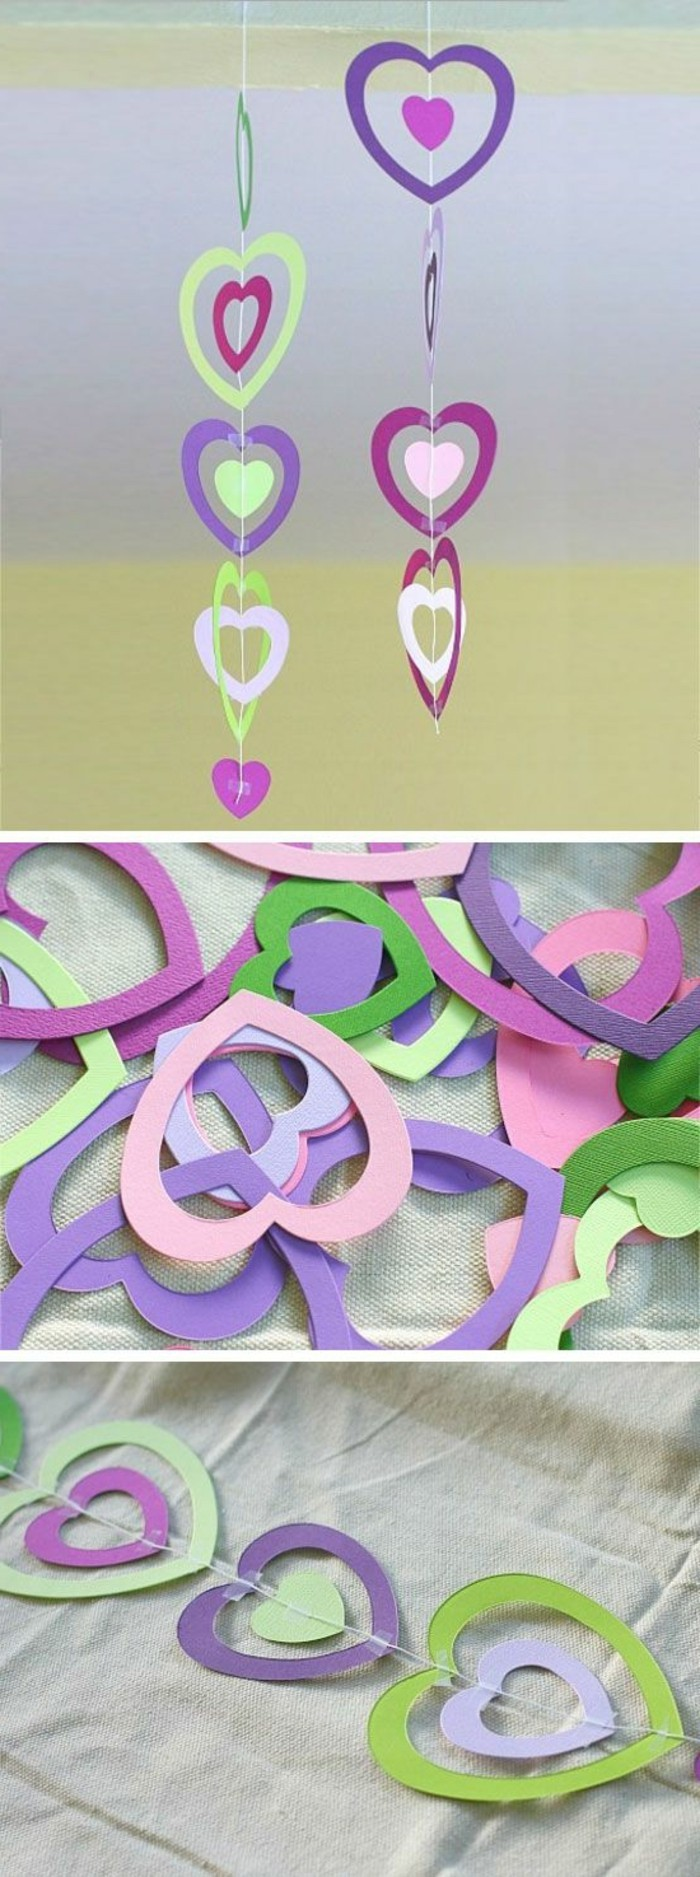 une guirlande faite de coeurs multicolores découpés dans du papier, idée activité manuelle maternelle intéressante